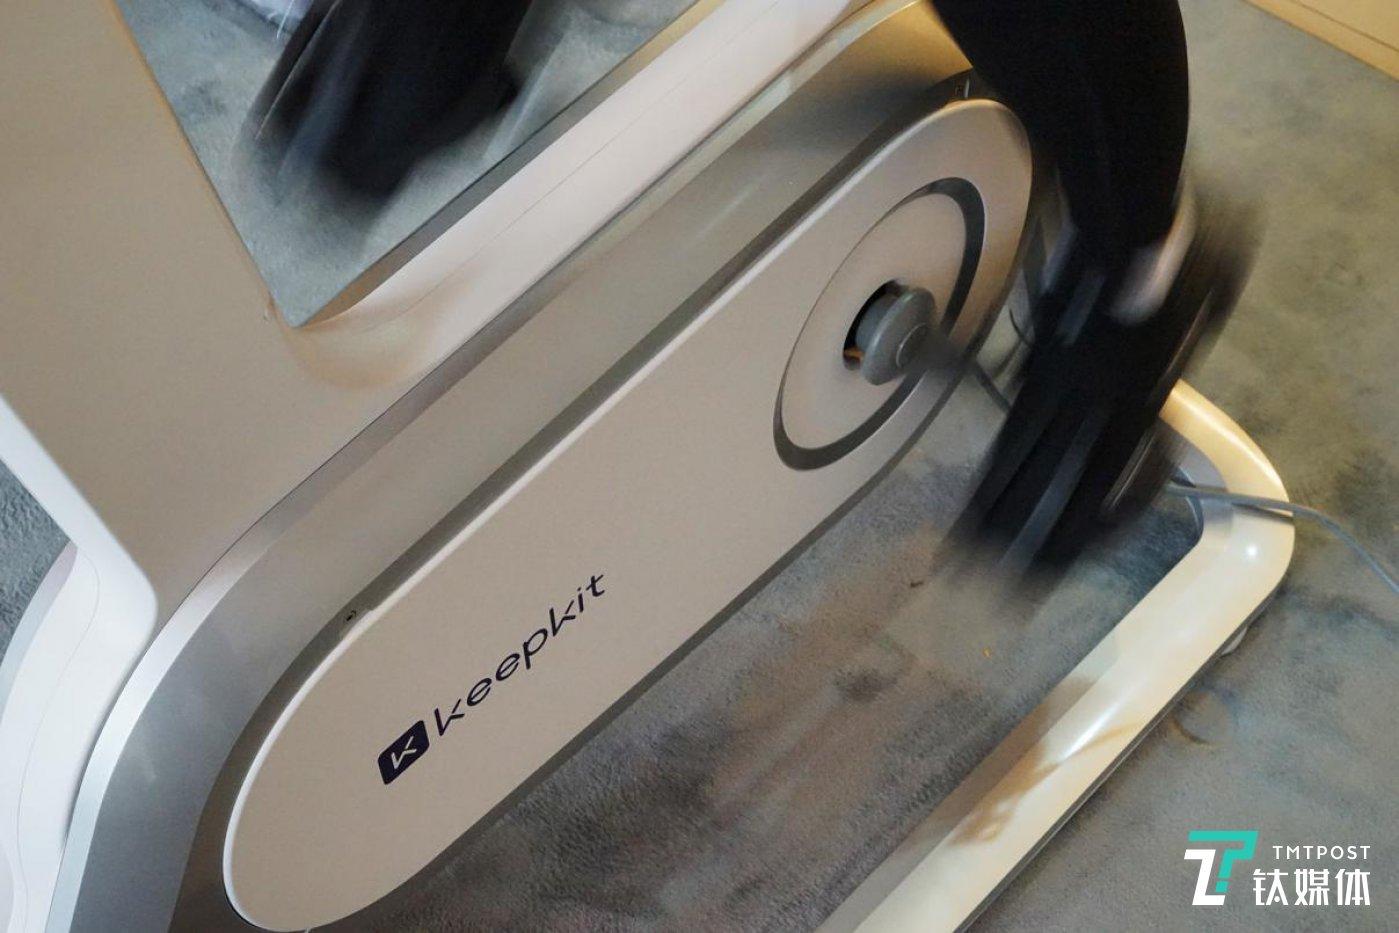 Keep智能动感单车C1支持36挡电磁智能骑行阻力调节